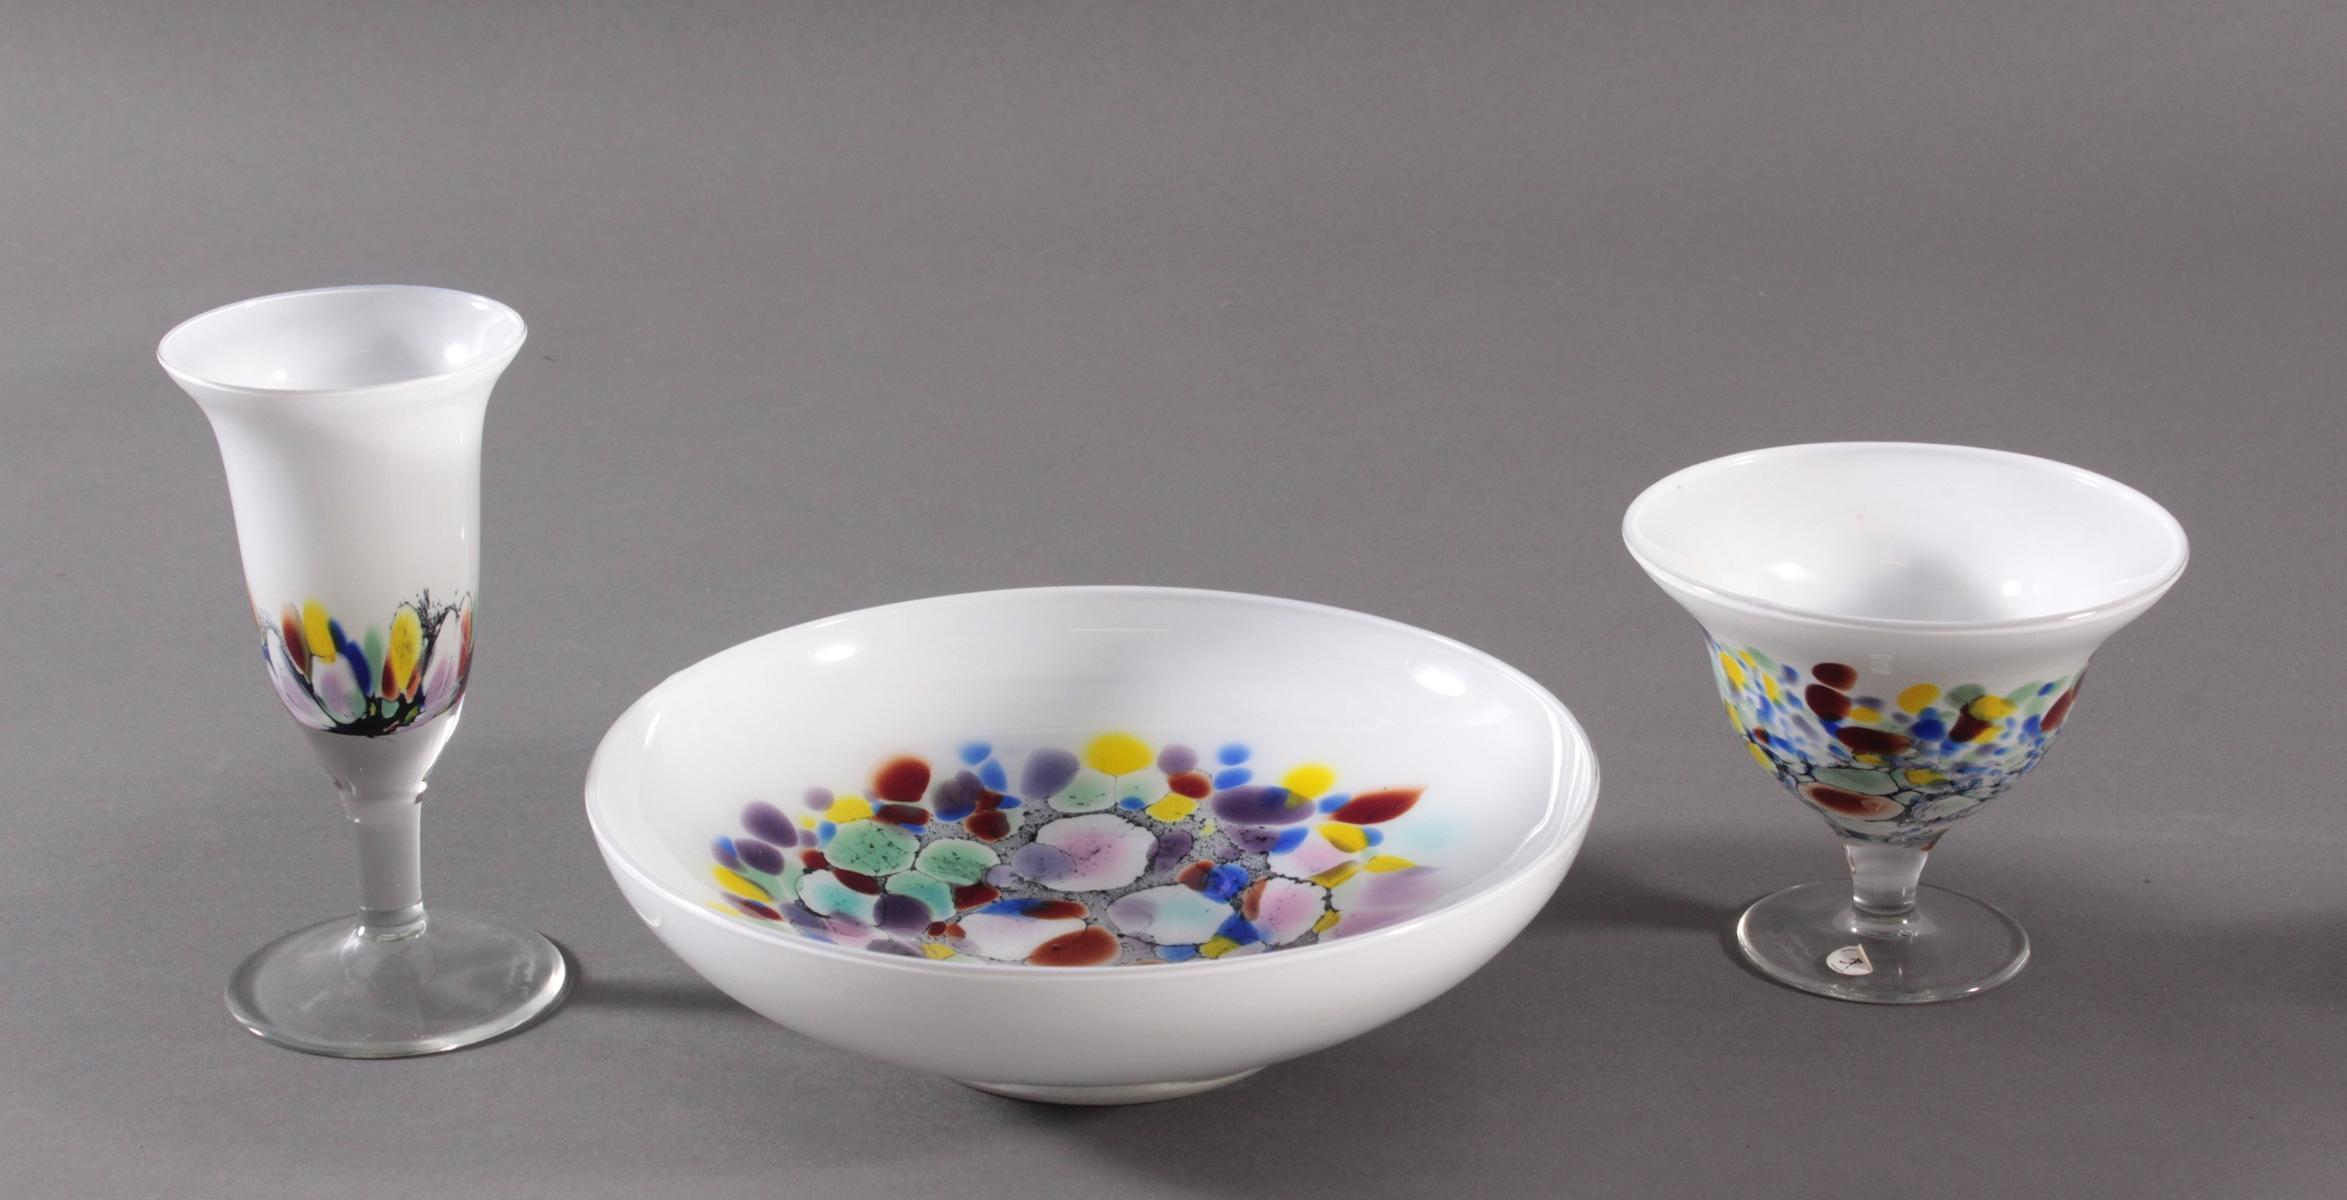 Behrendsohn Designerglas, 2 Anbietschalen und Kelch-2